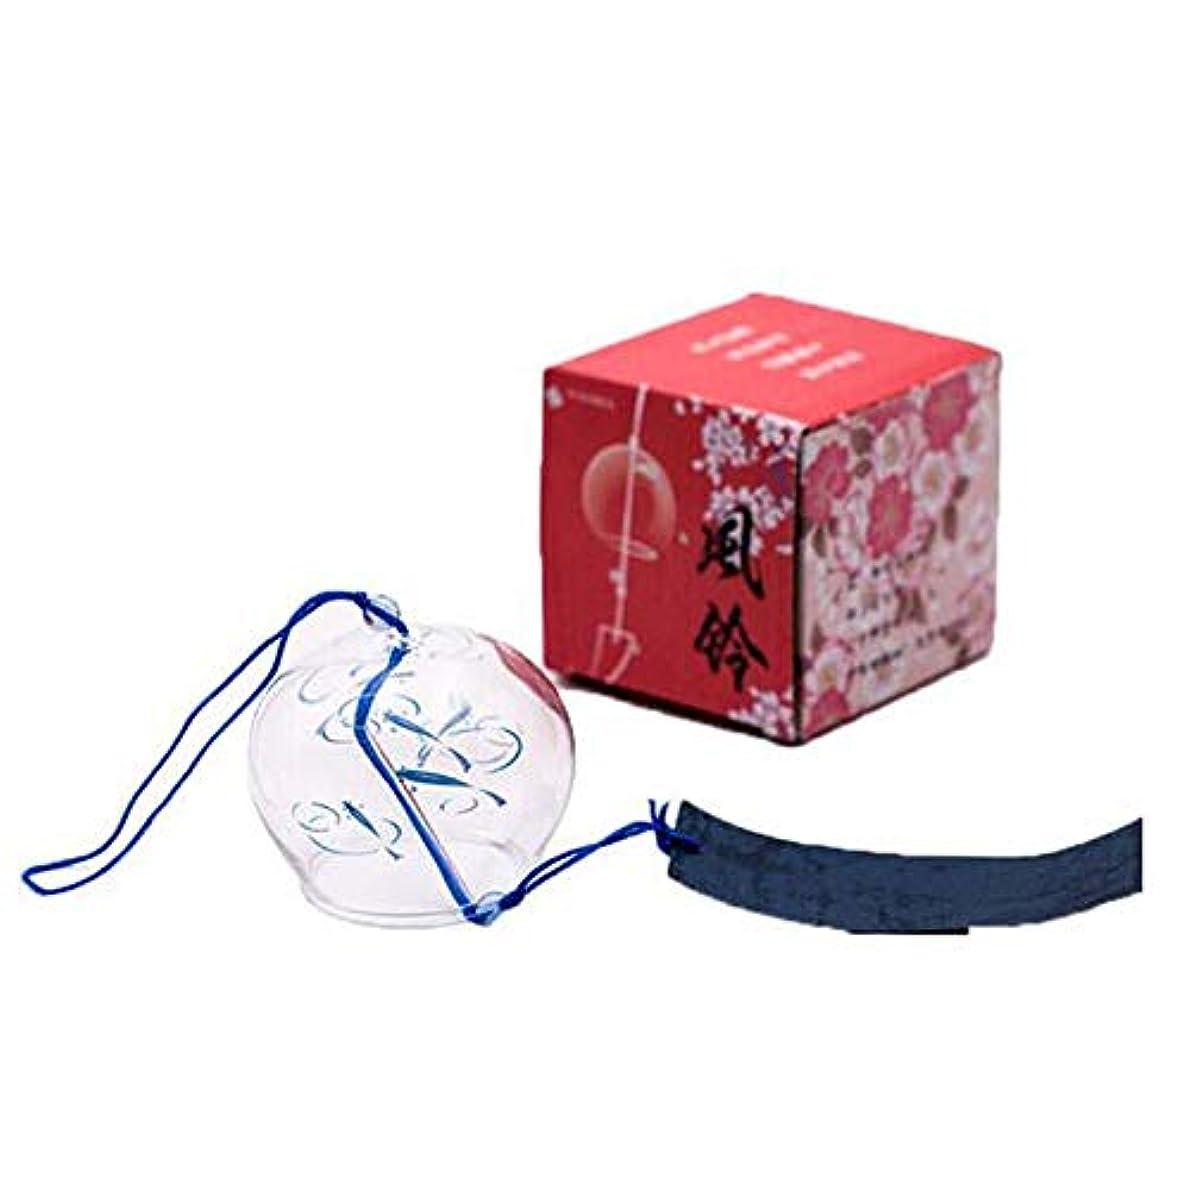 相反するぴったりギターHongyushanghang 風チャイム、ガラス素材ホームクリエイティブ風チャイム、パープル、40cm程度の長さの合計,、ジュエリークリエイティブホリデーギフトを掛ける (Color : Blue)